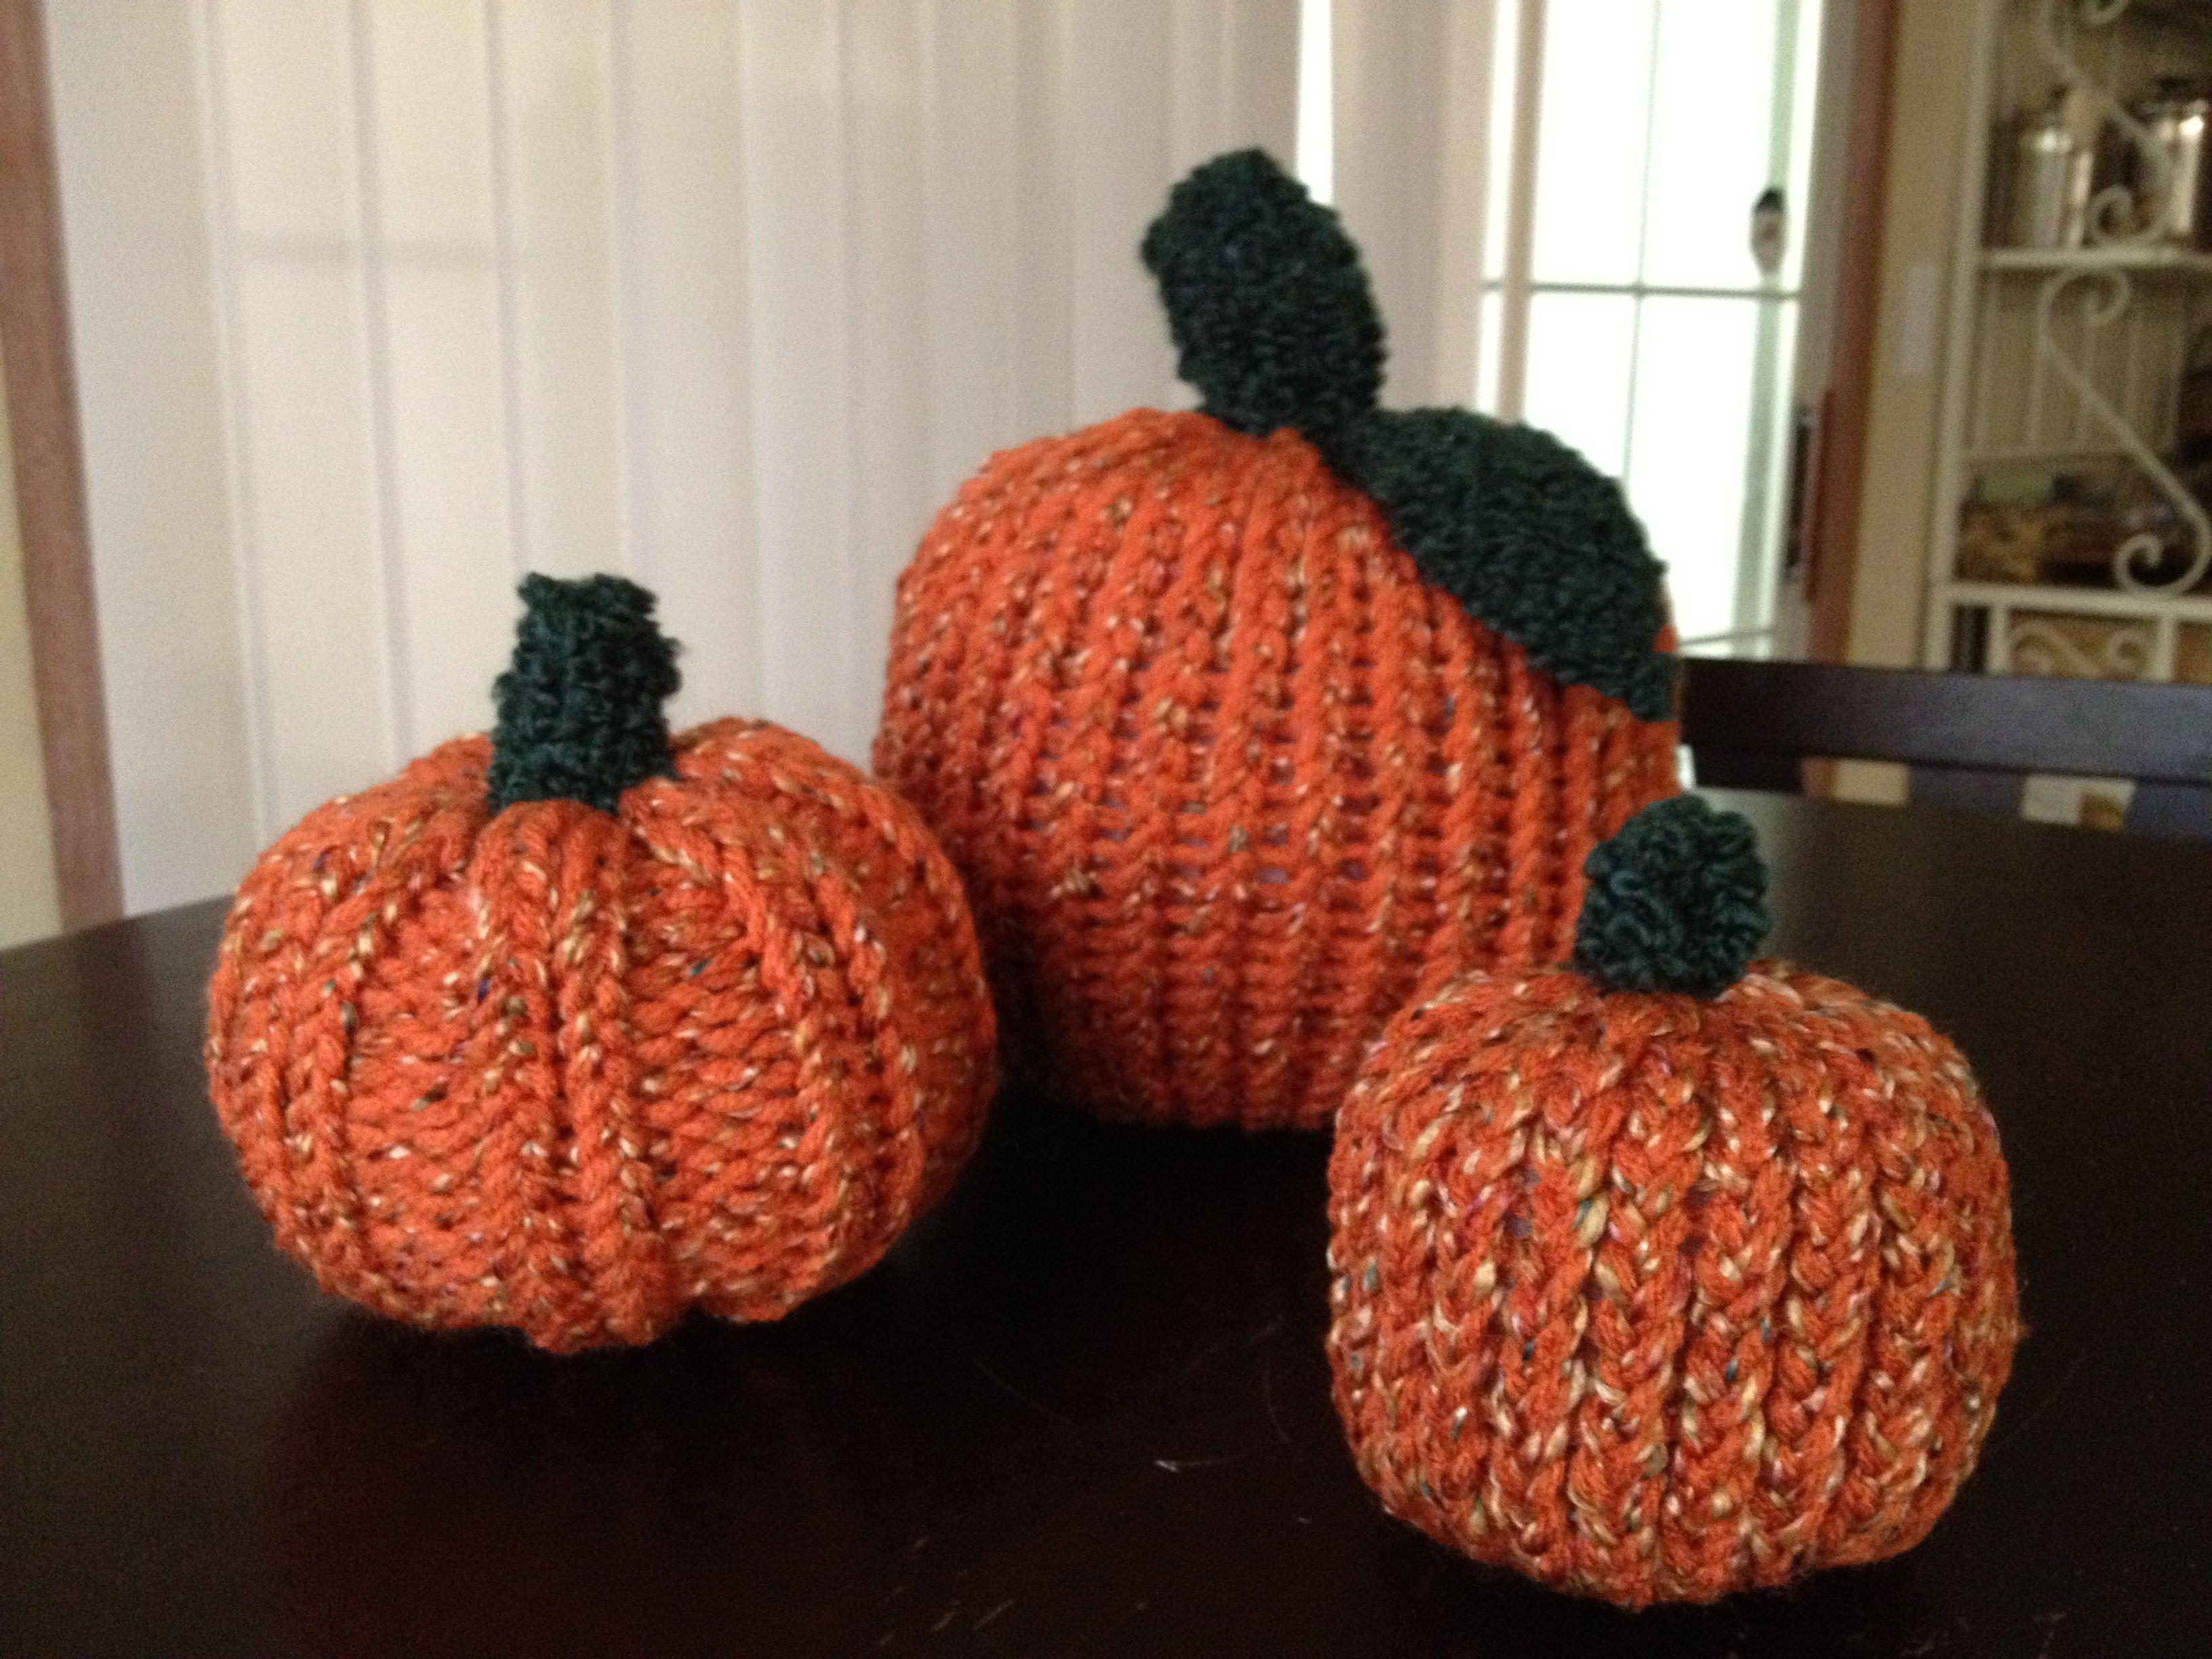 My loom knit pumpkins | Loom knitting projects, Loom ...